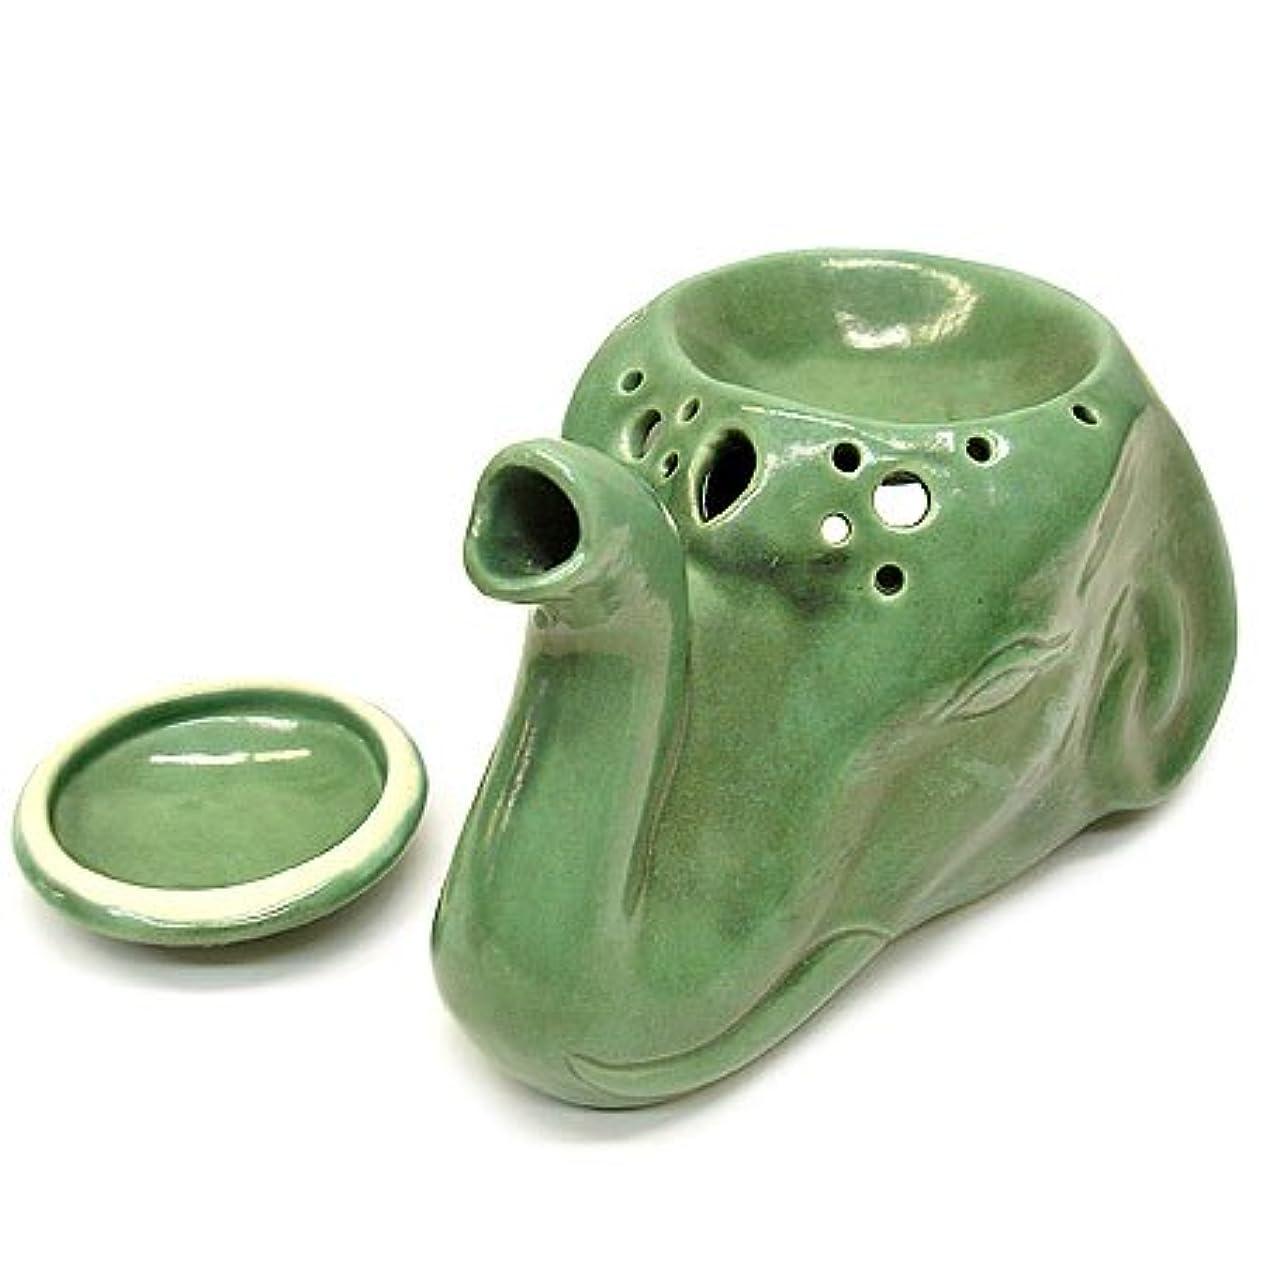 環境甘美な連想タバナン 象のアロマオイルバーナーセット 緑アジアン雑貨